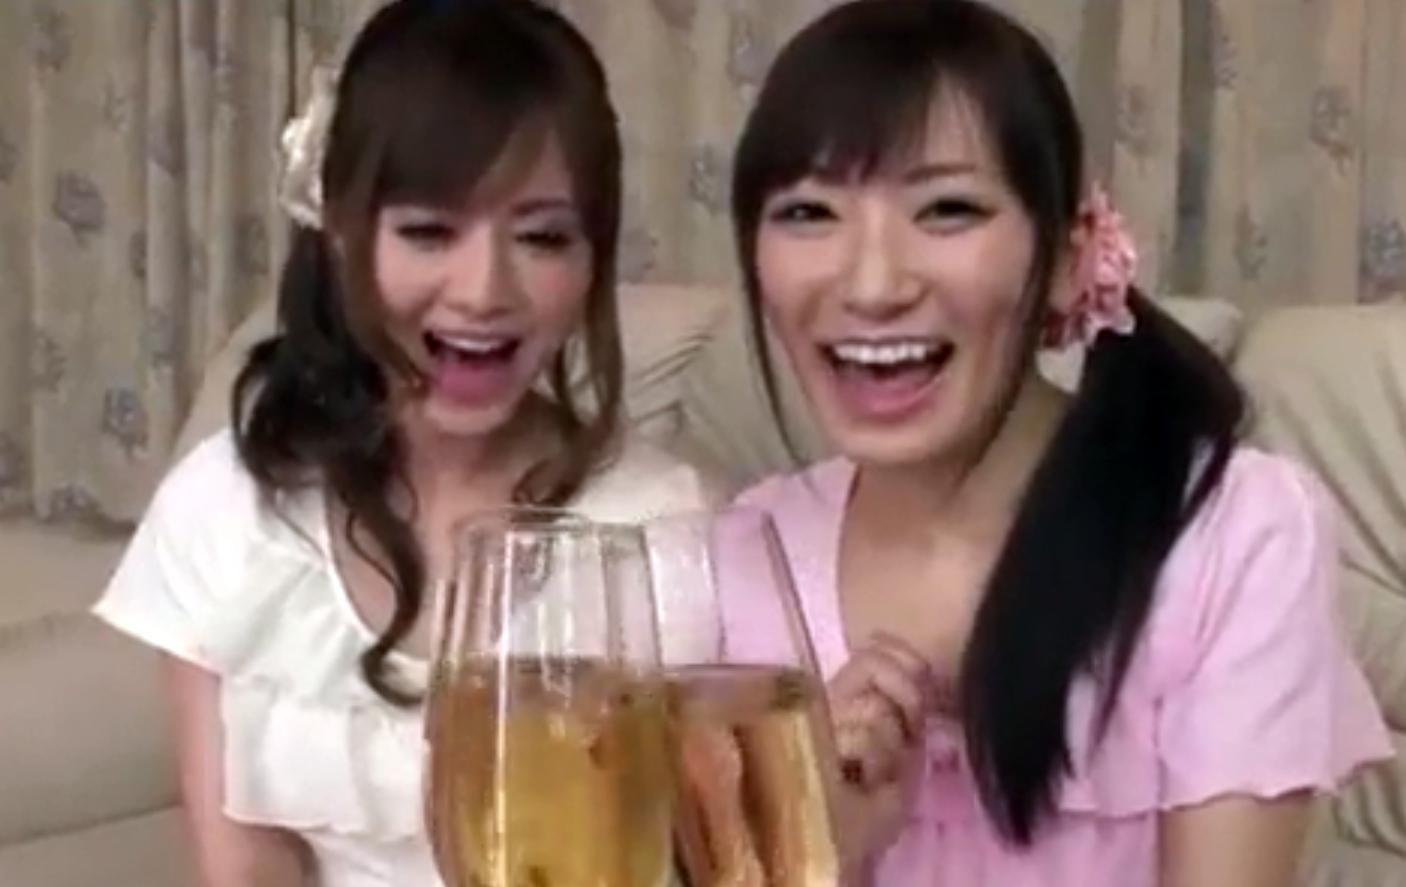 【美人姉妹とパジャマパーティ】エロ可愛い2人の自宅でエッチな「お・も・て・な・し」